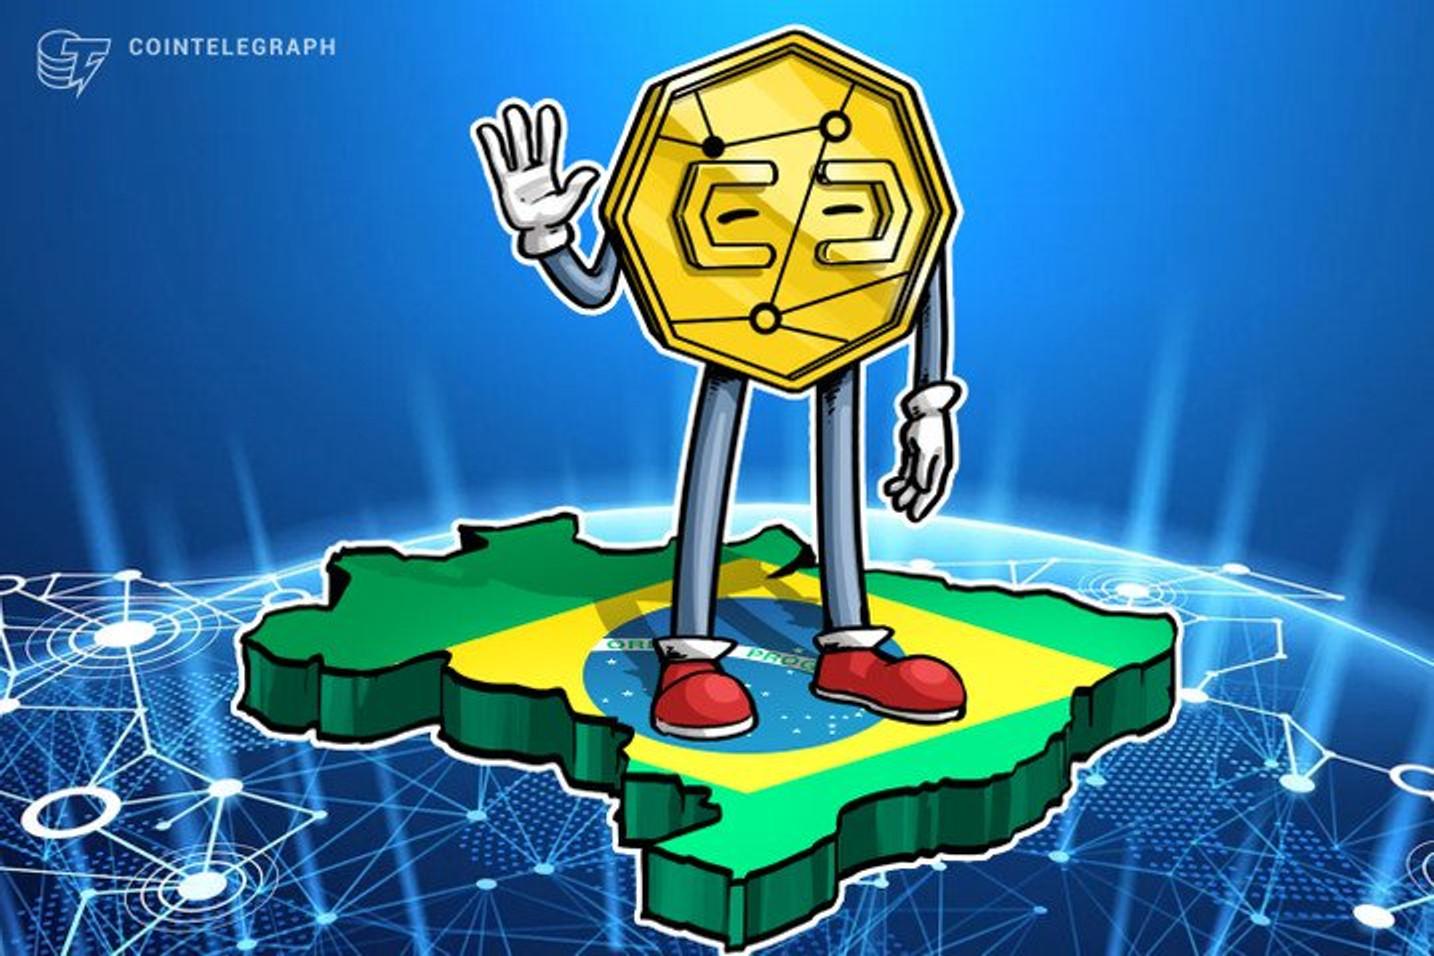 Justiça ordena busca por Bitcoin em exchanges para pagar dívidas do Diário de S. Paulo